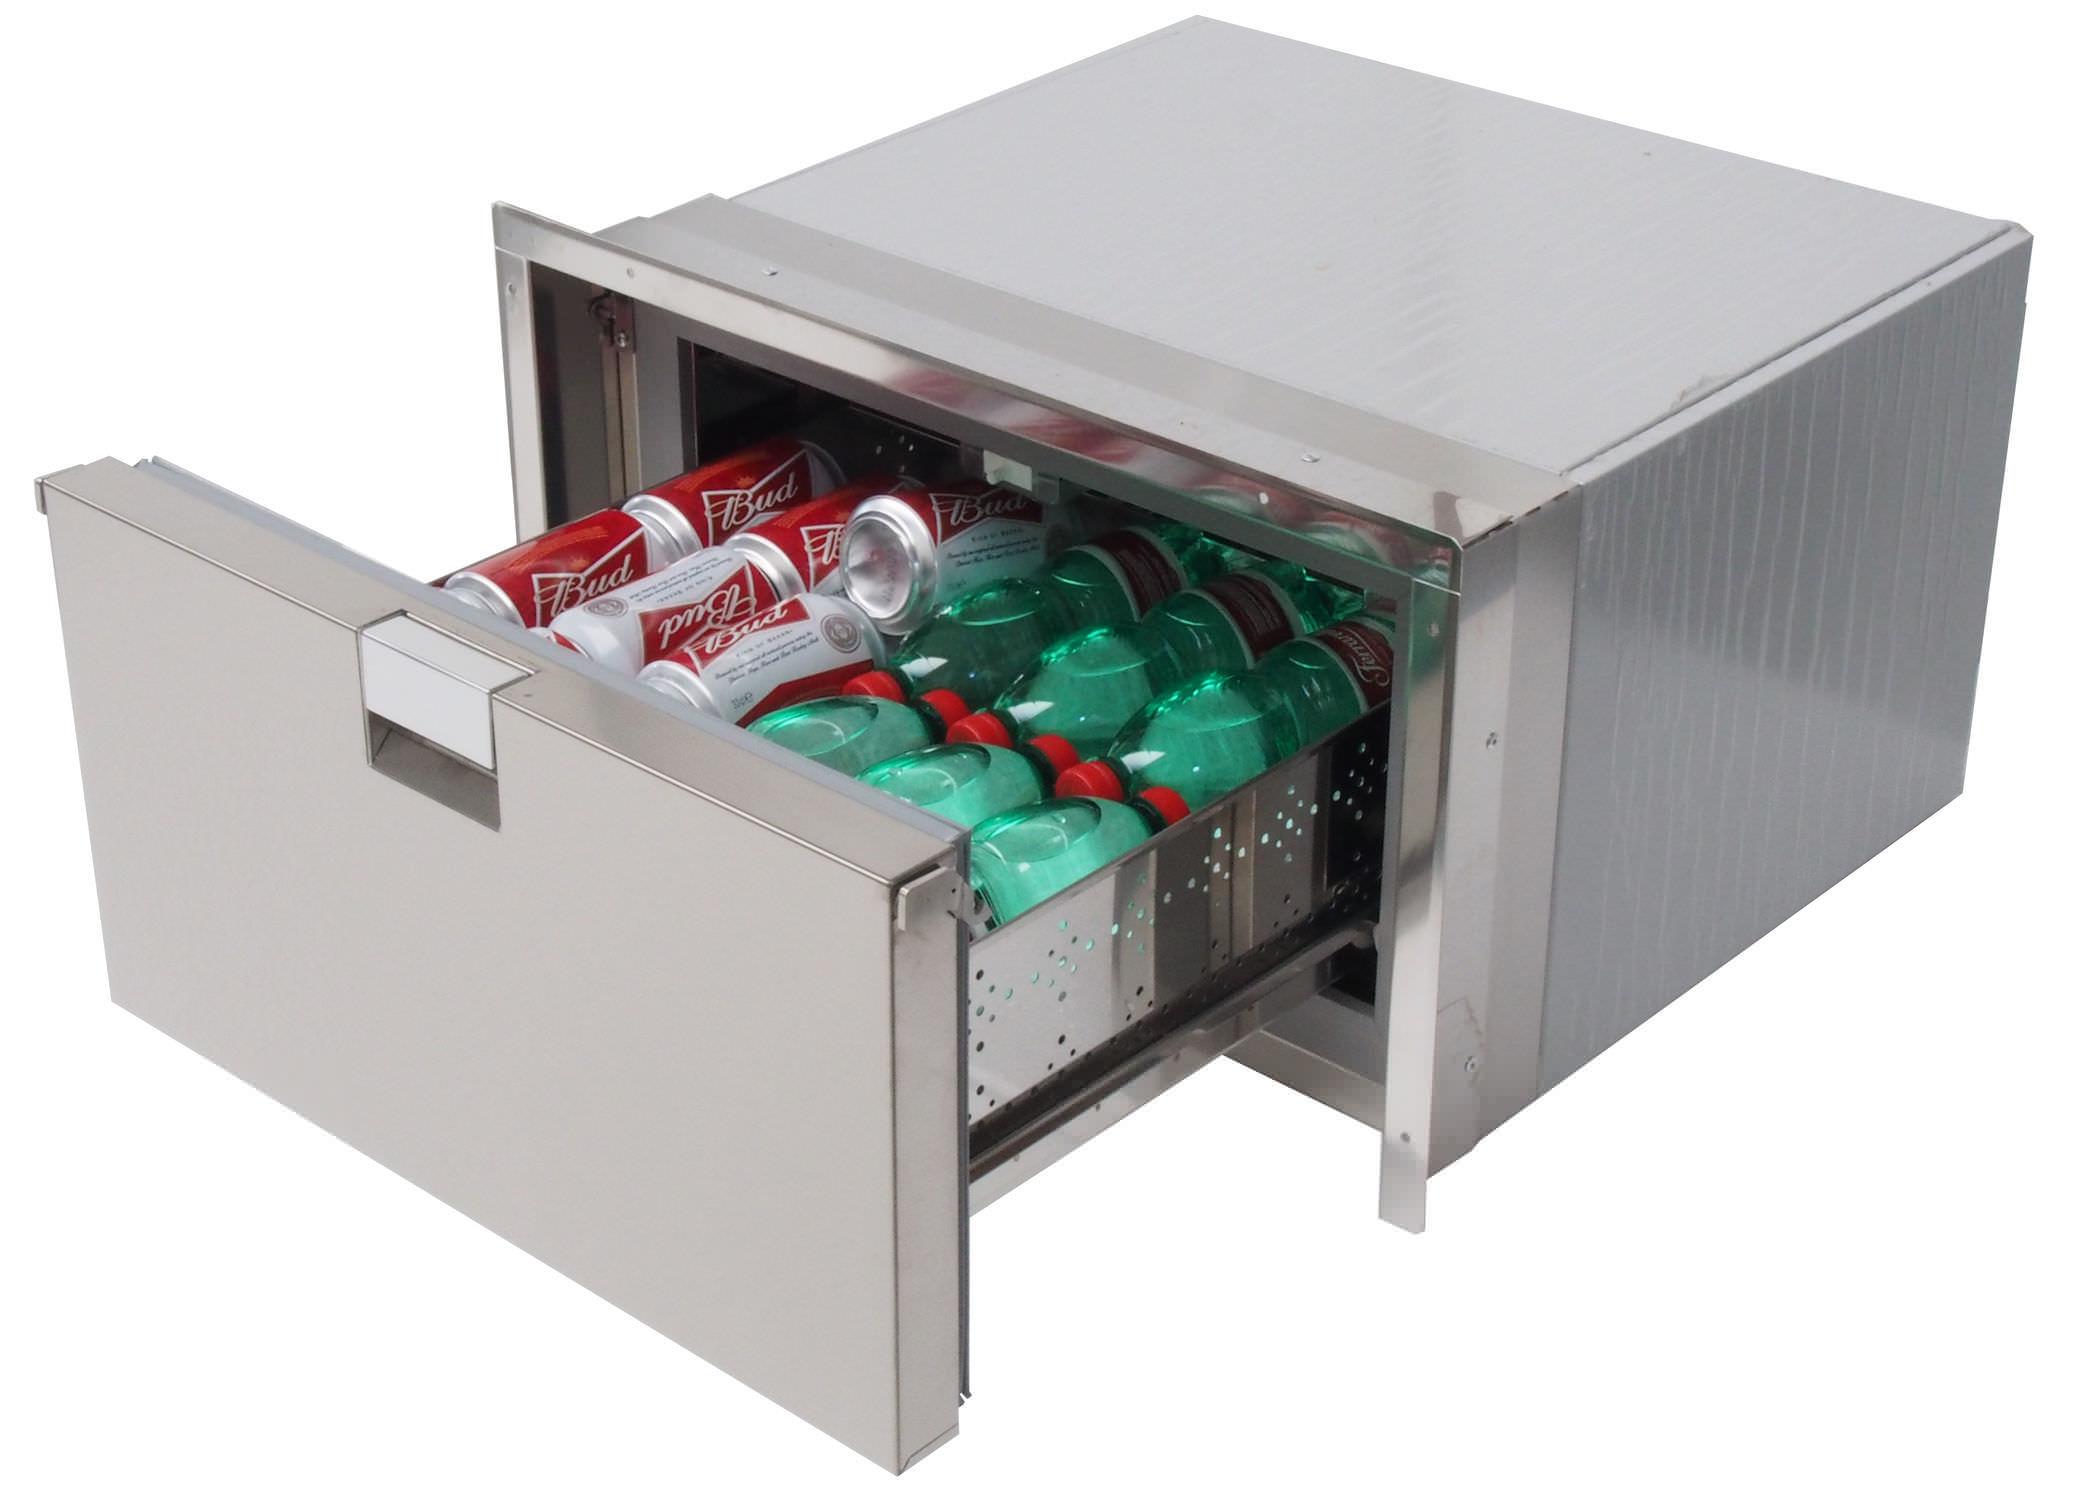 Kühlschrank Schublade : Kühlschrank für boote für yachten edelstahl kompressor fc